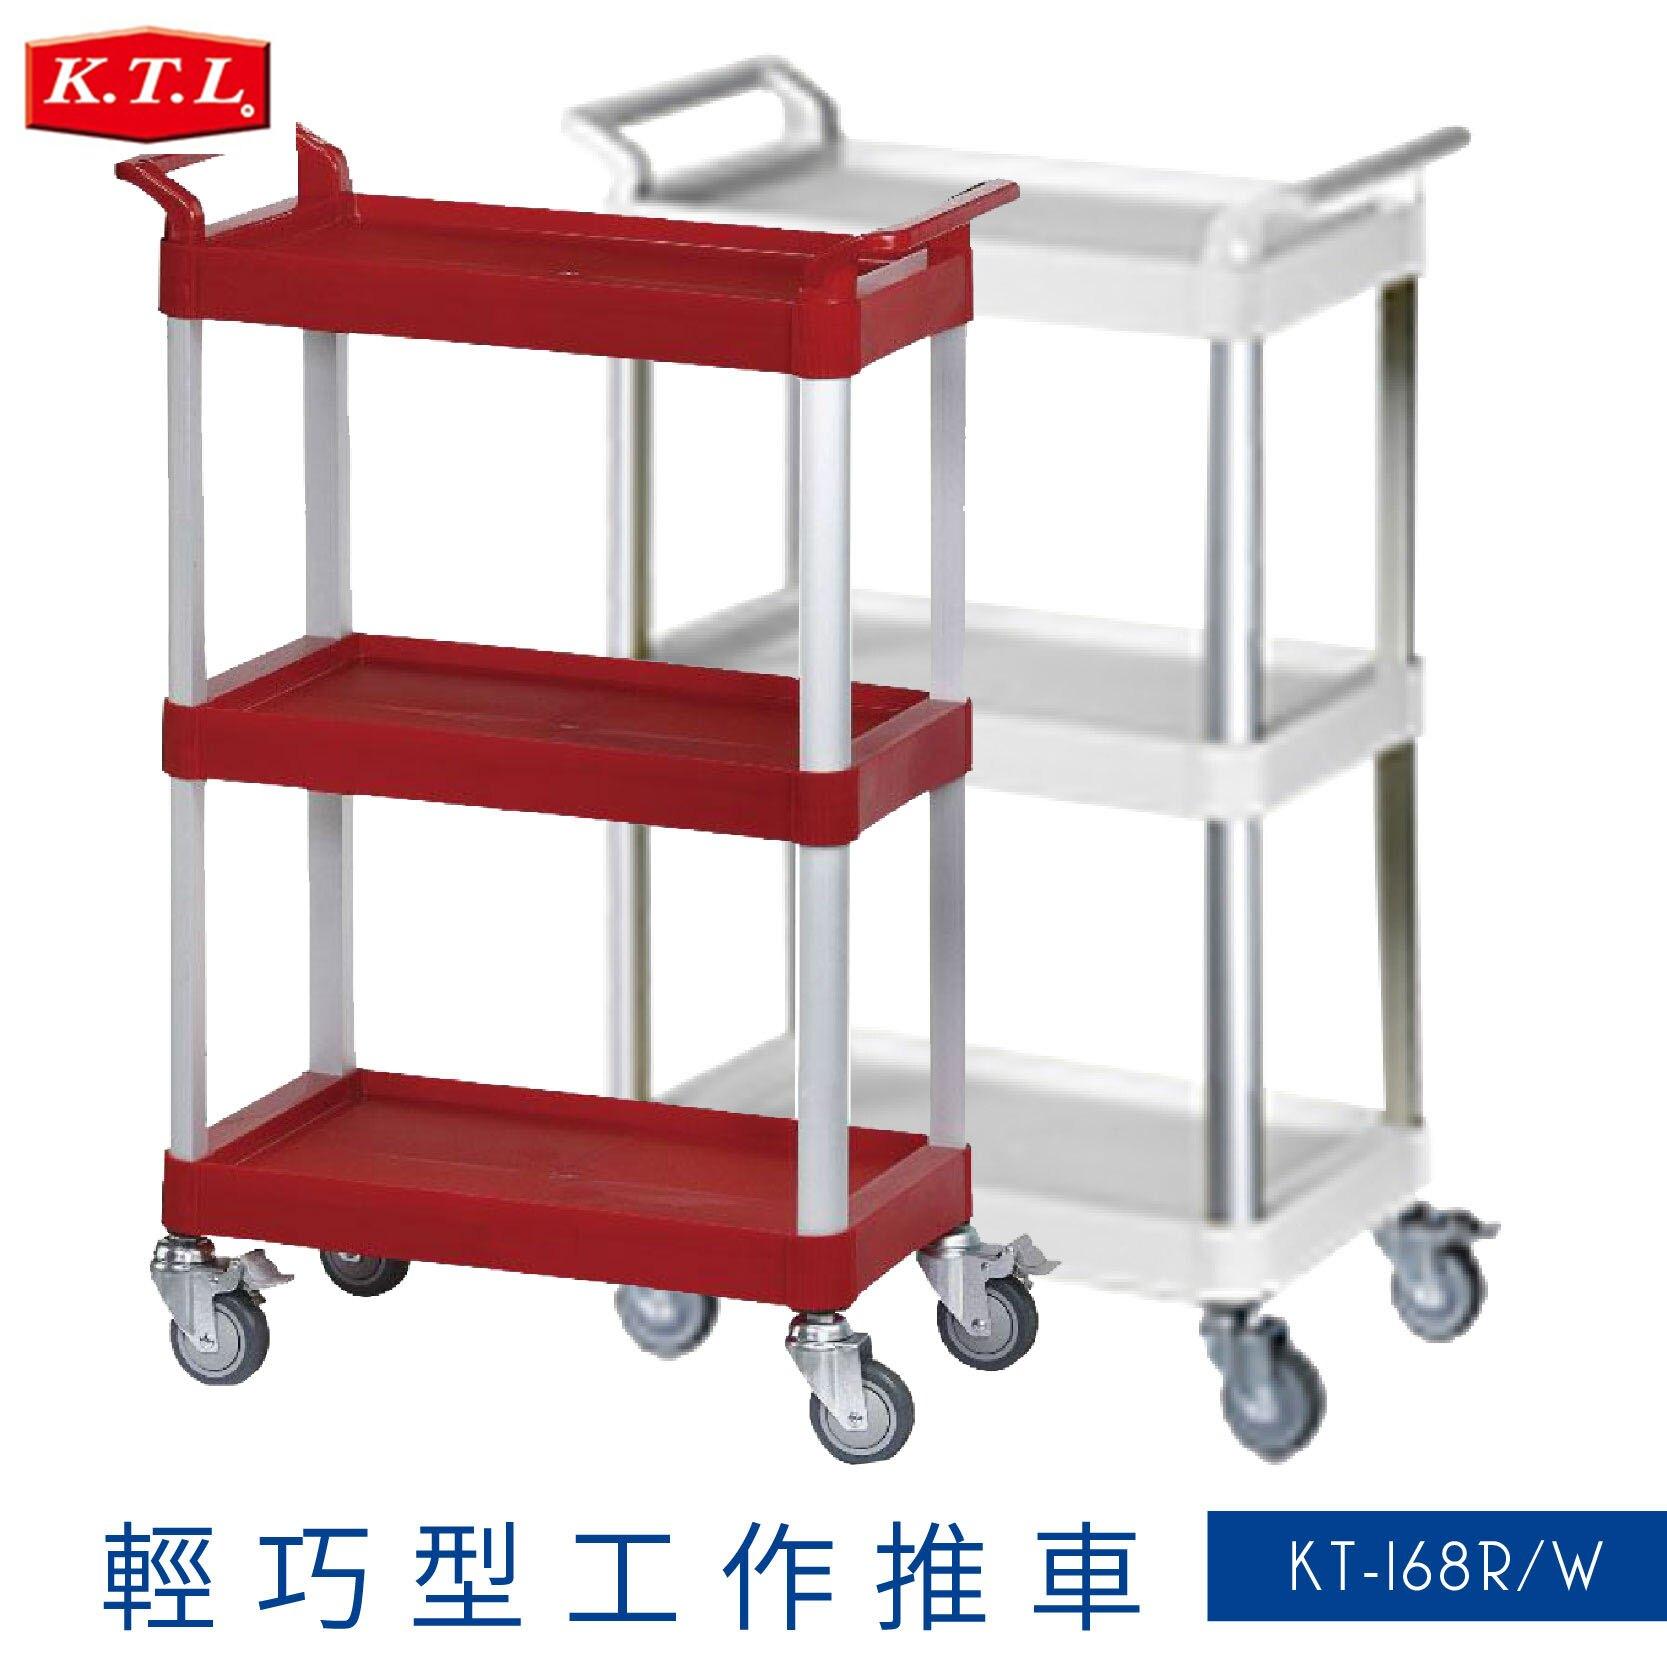 【限時促銷】KT-168 紅-白 輕巧型工作推車 三層 全配式雙把手 手推車 置物車 分層車 置物架 分層架 餐飲 工業